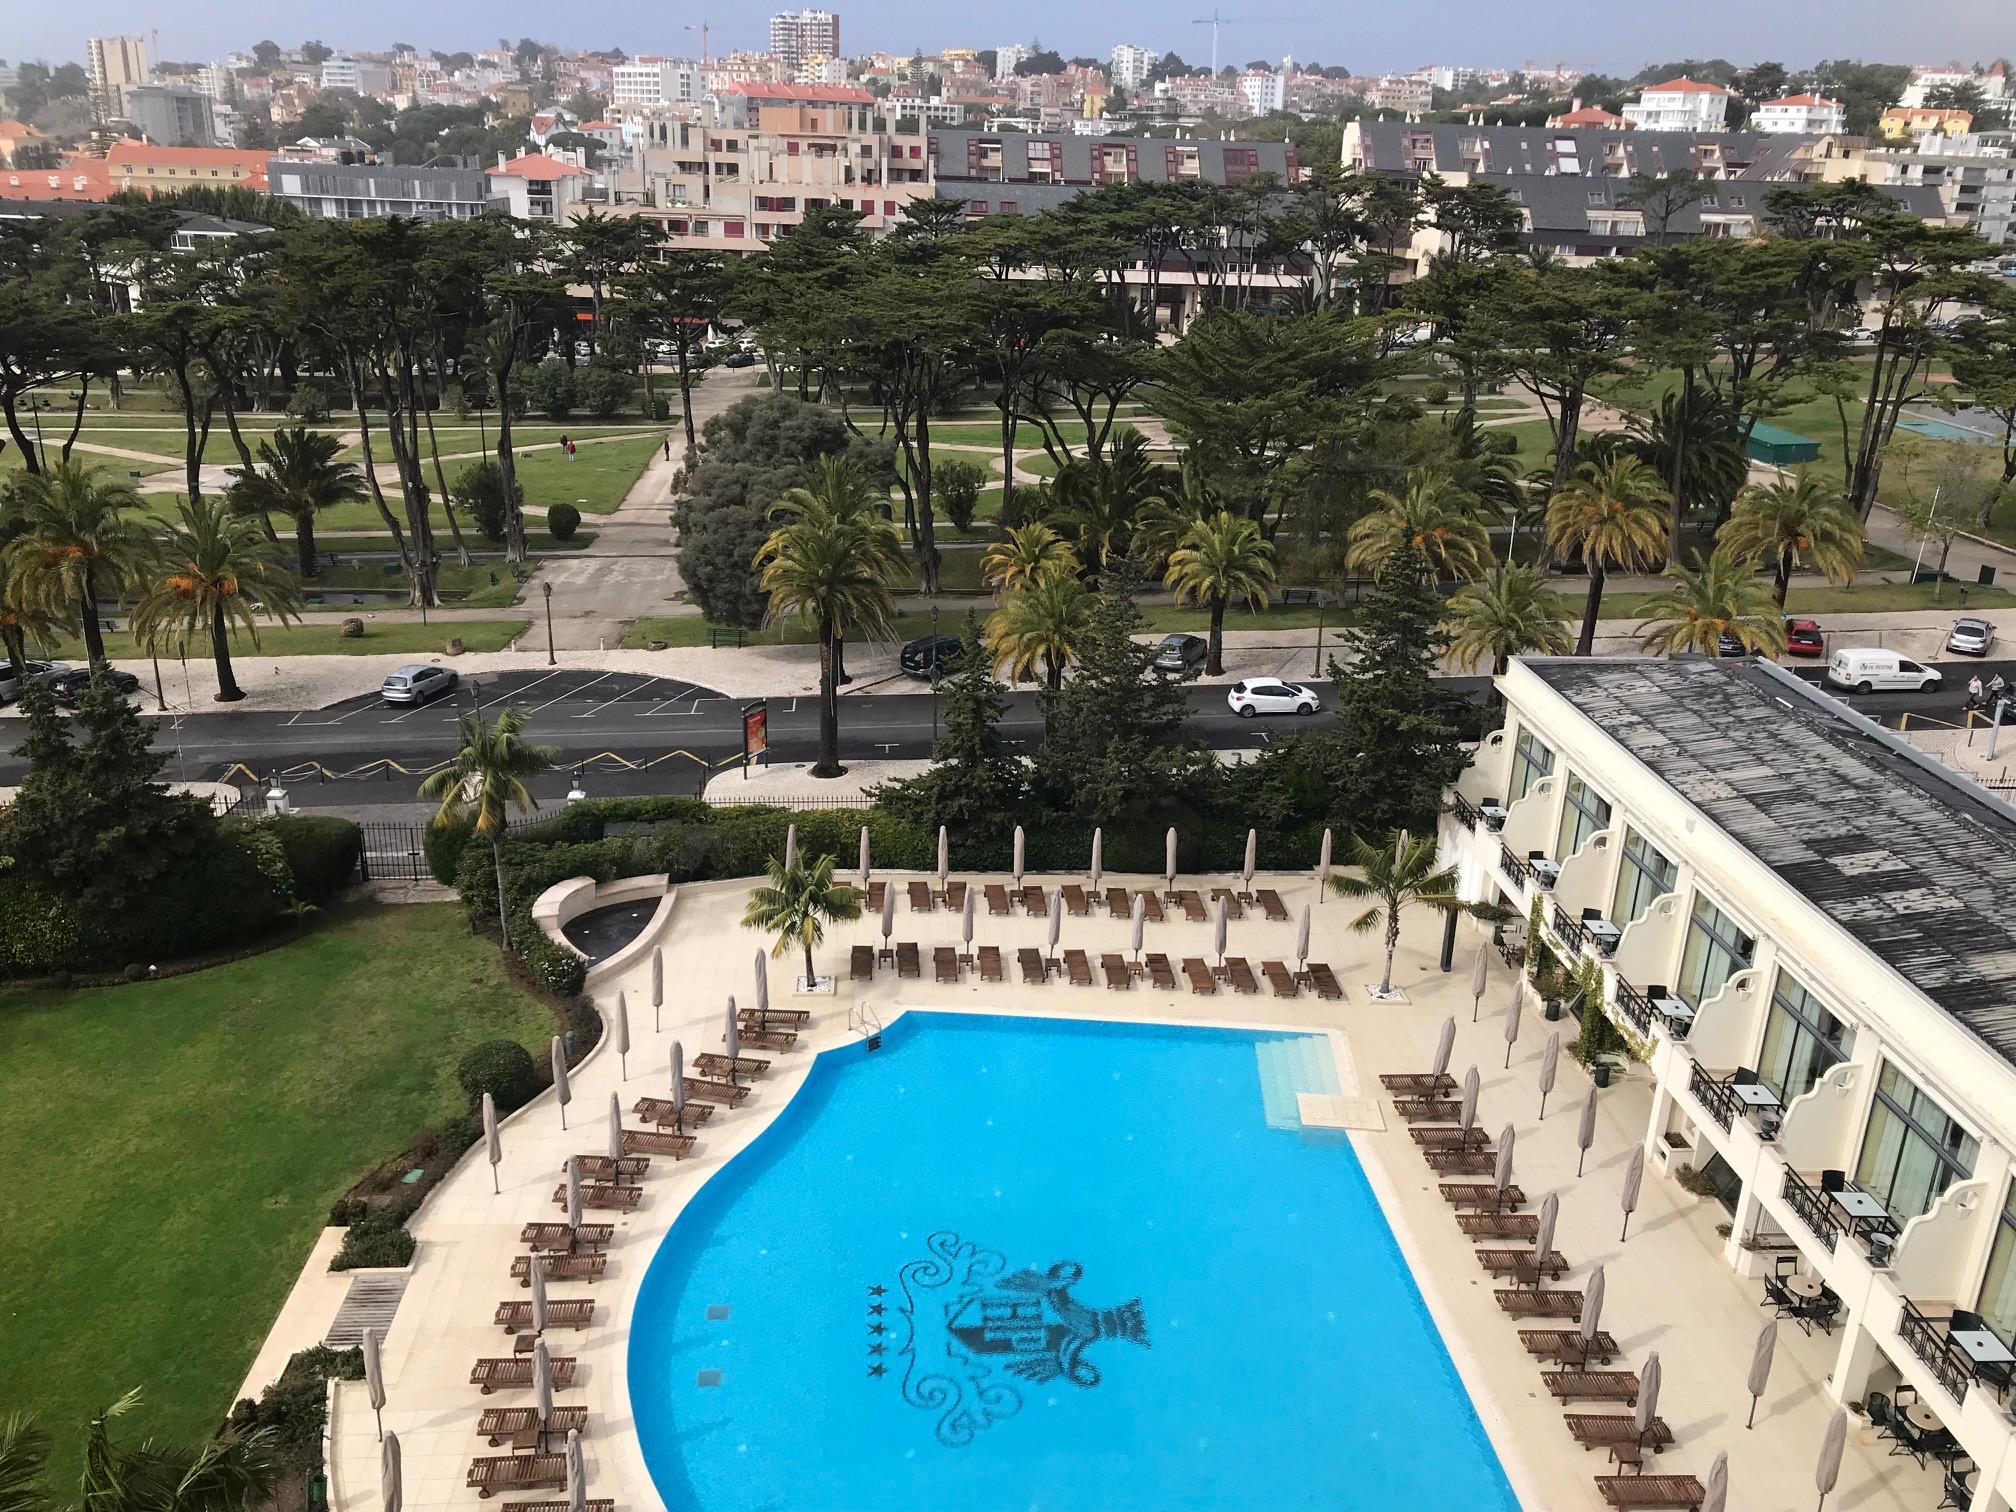 Hotel Palácio Estoril: luxo, sofisticação e grandes histórias de Reis, Rainhas e Espiões de Guerra!